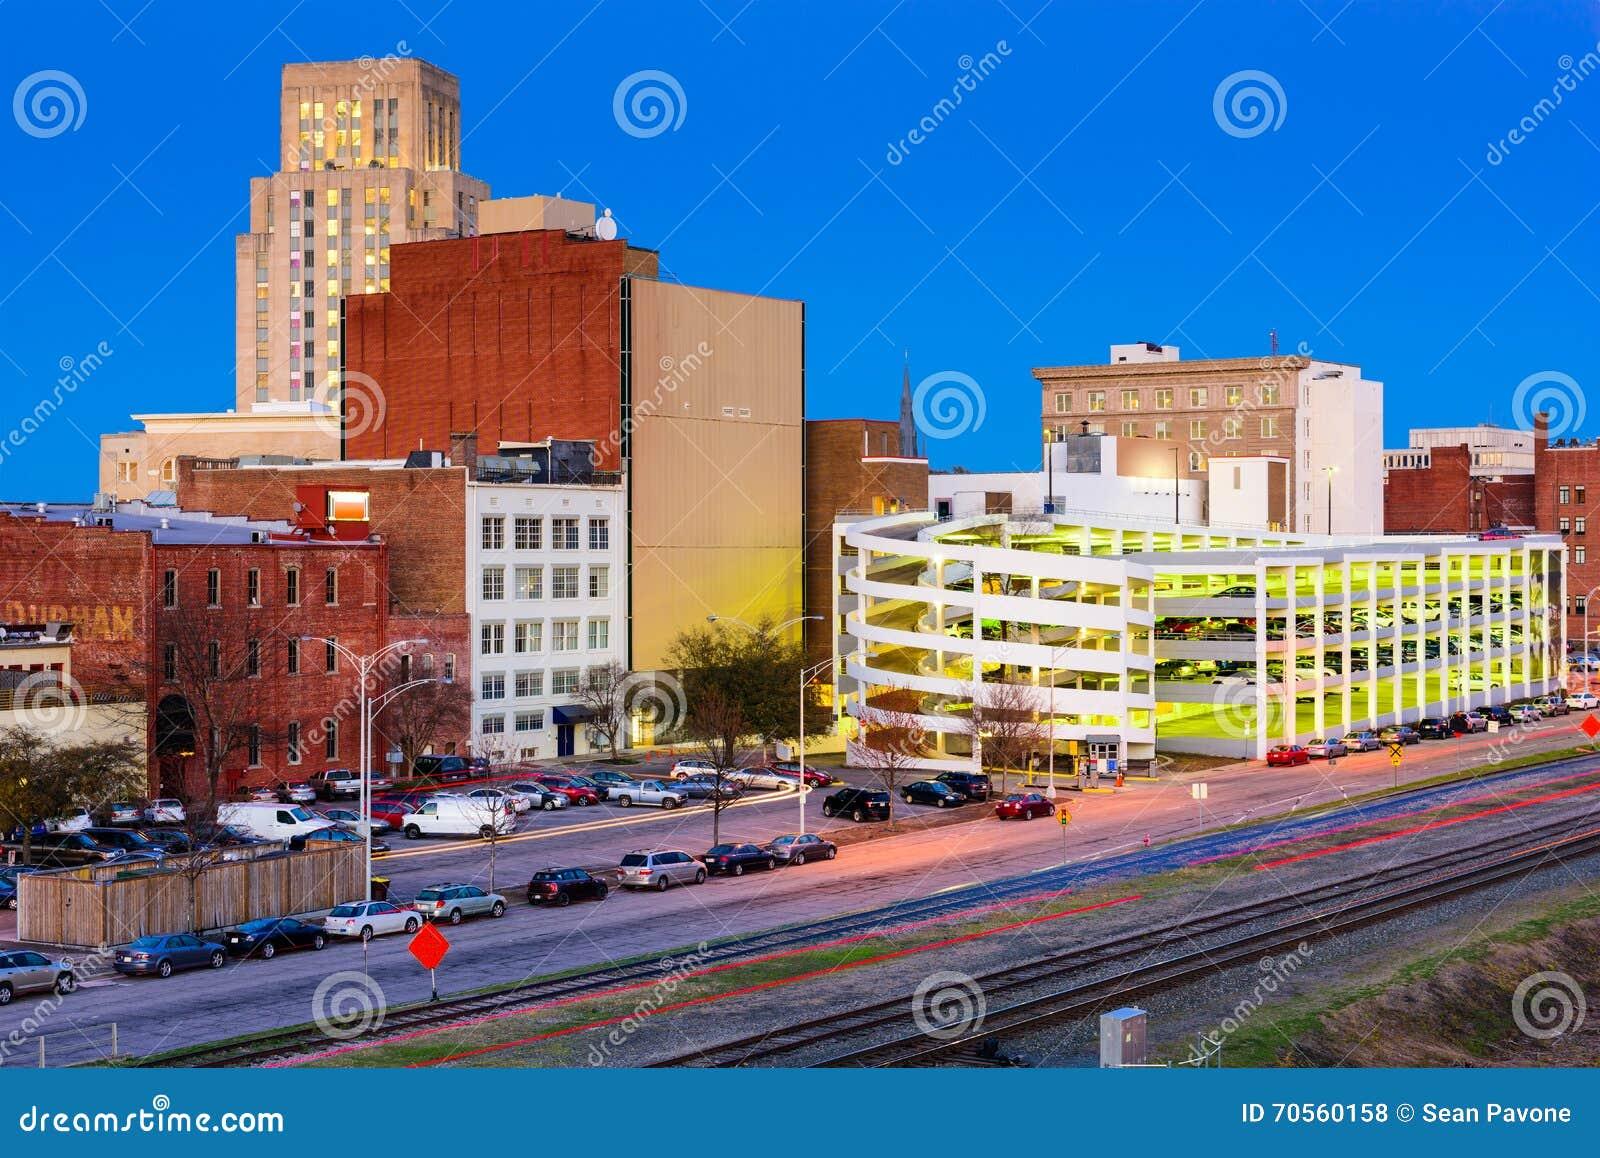 Durham North Carolina Skyline Stock Photo Image Of Scene City